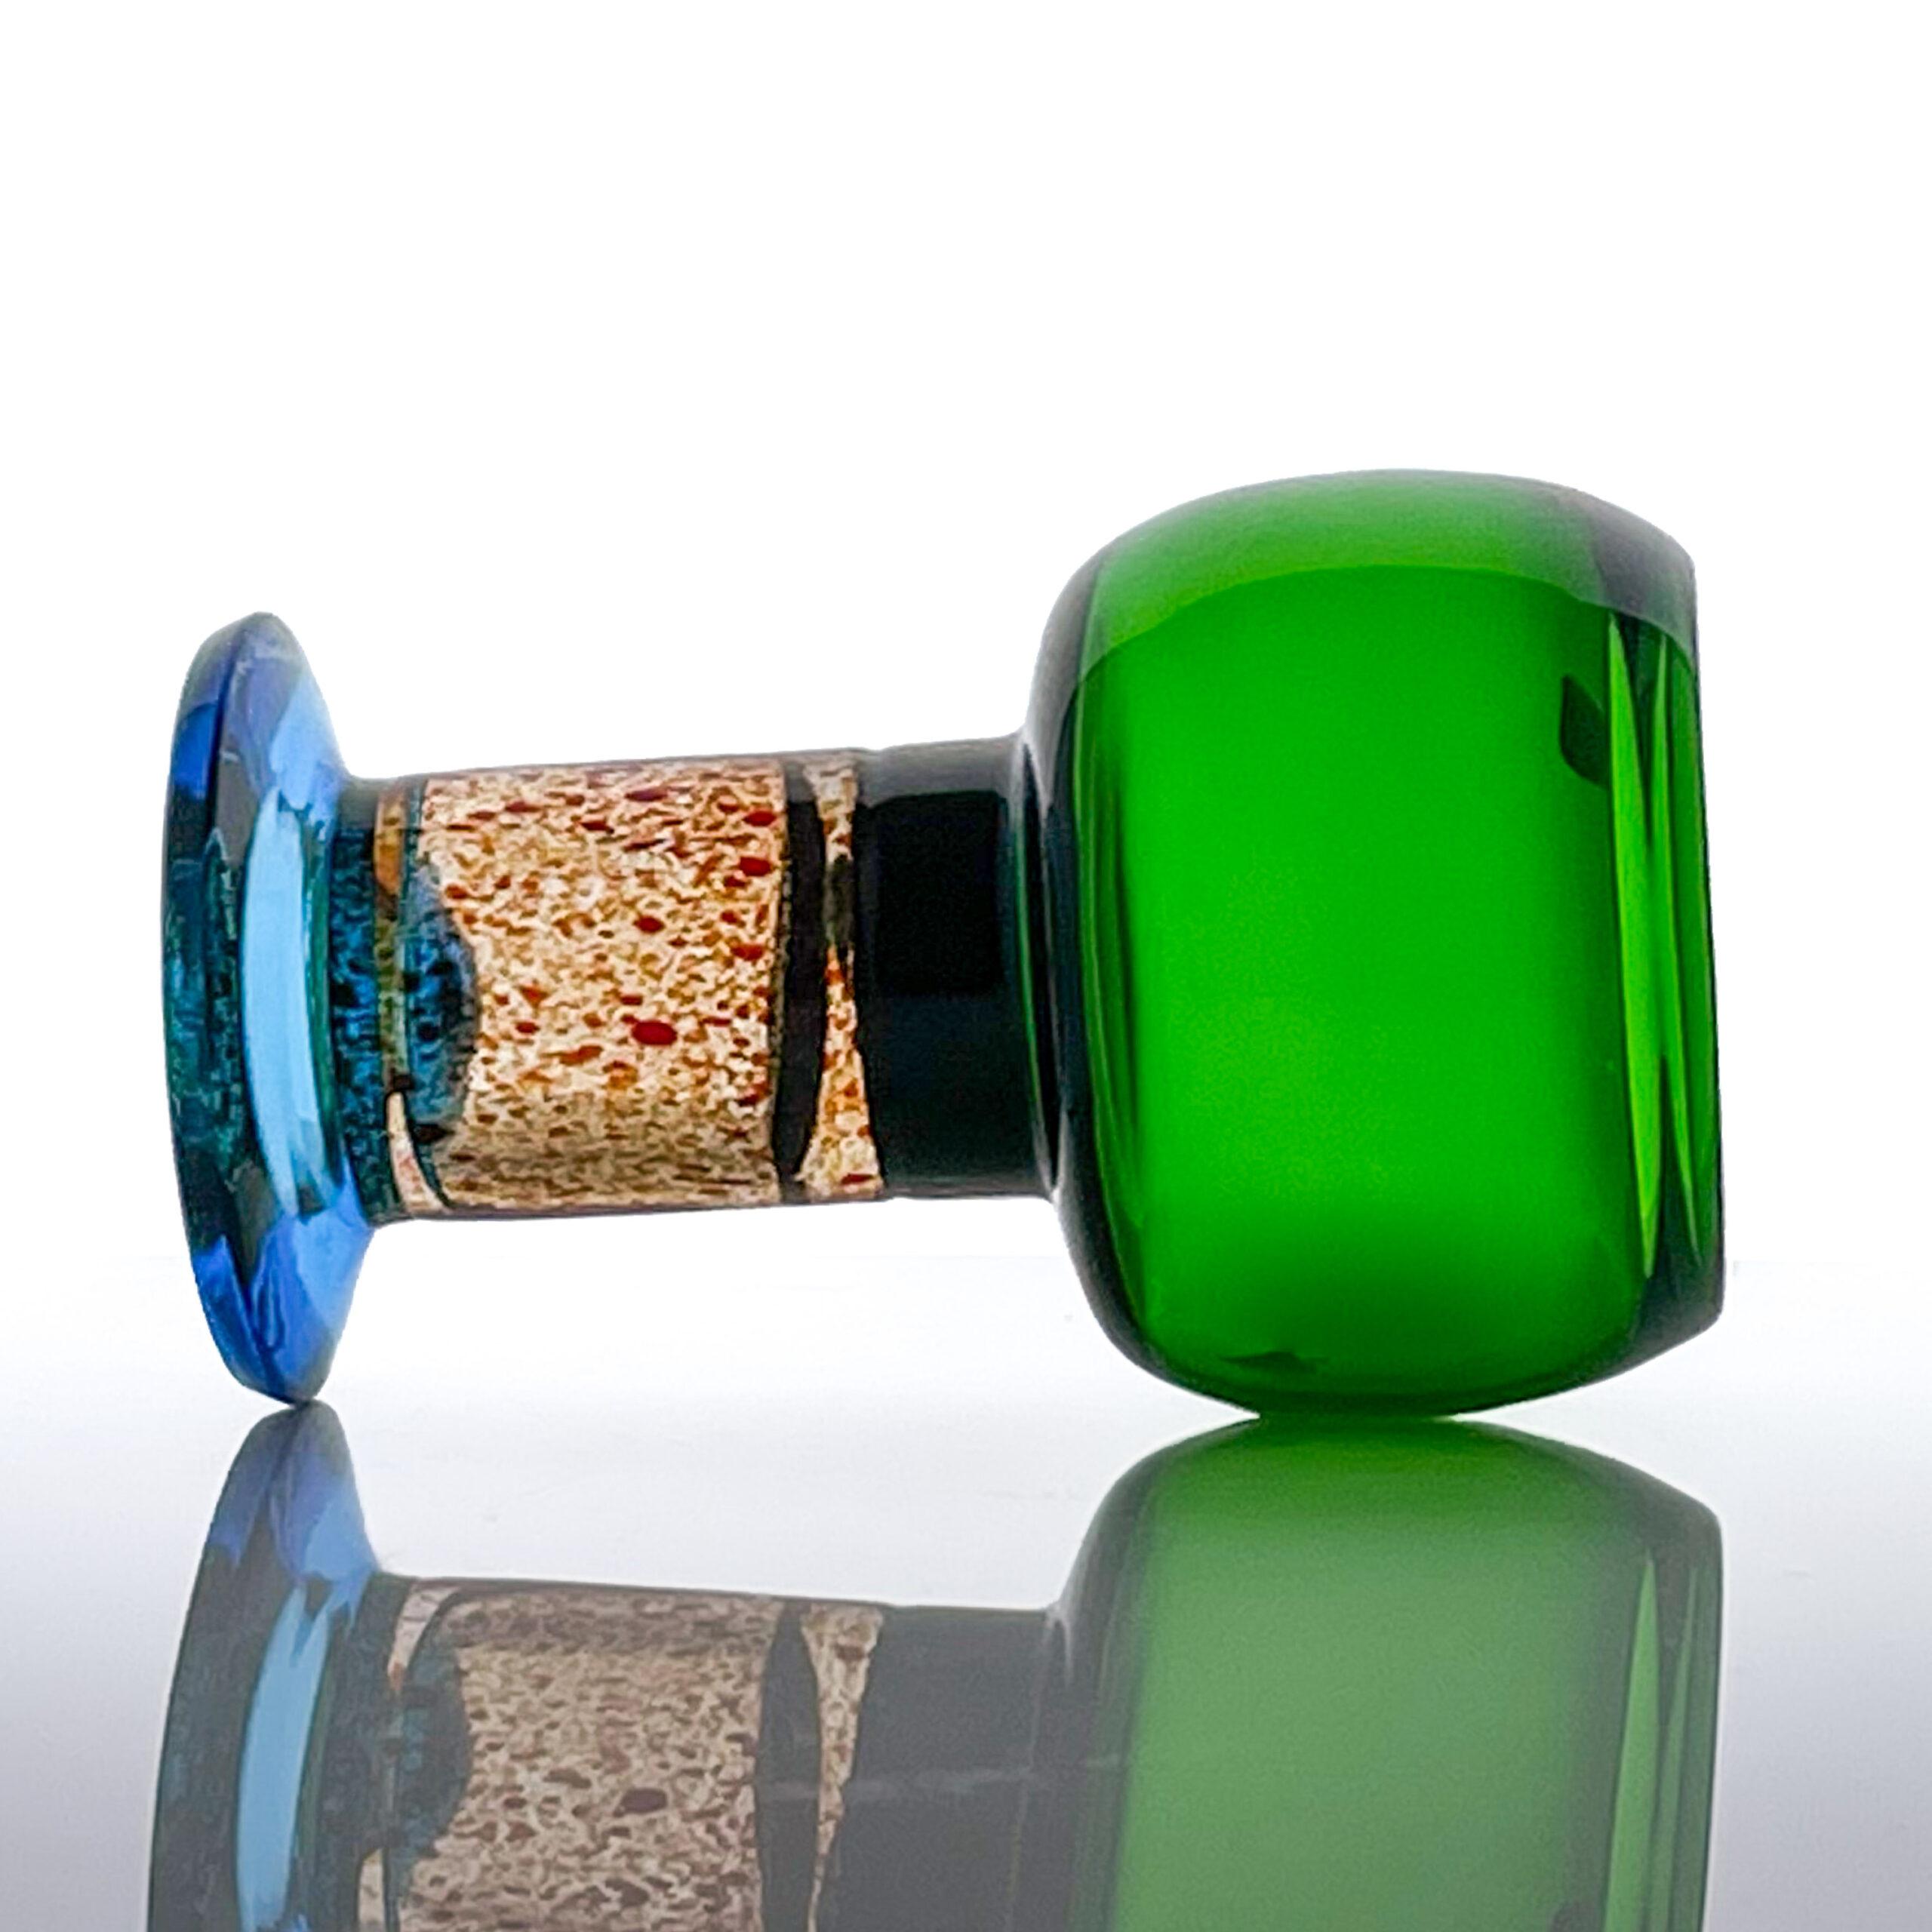 KF Pokali groen Web-5